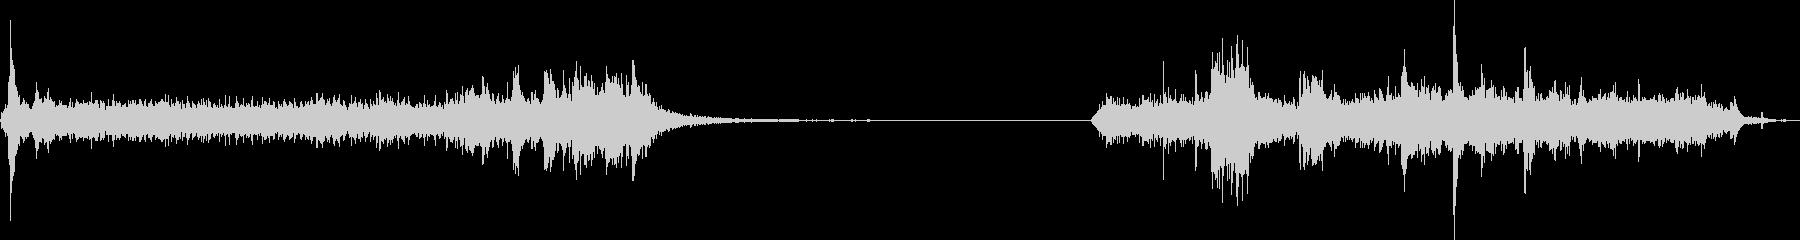 ガレージドア1。電気ガレージドアオ...の未再生の波形